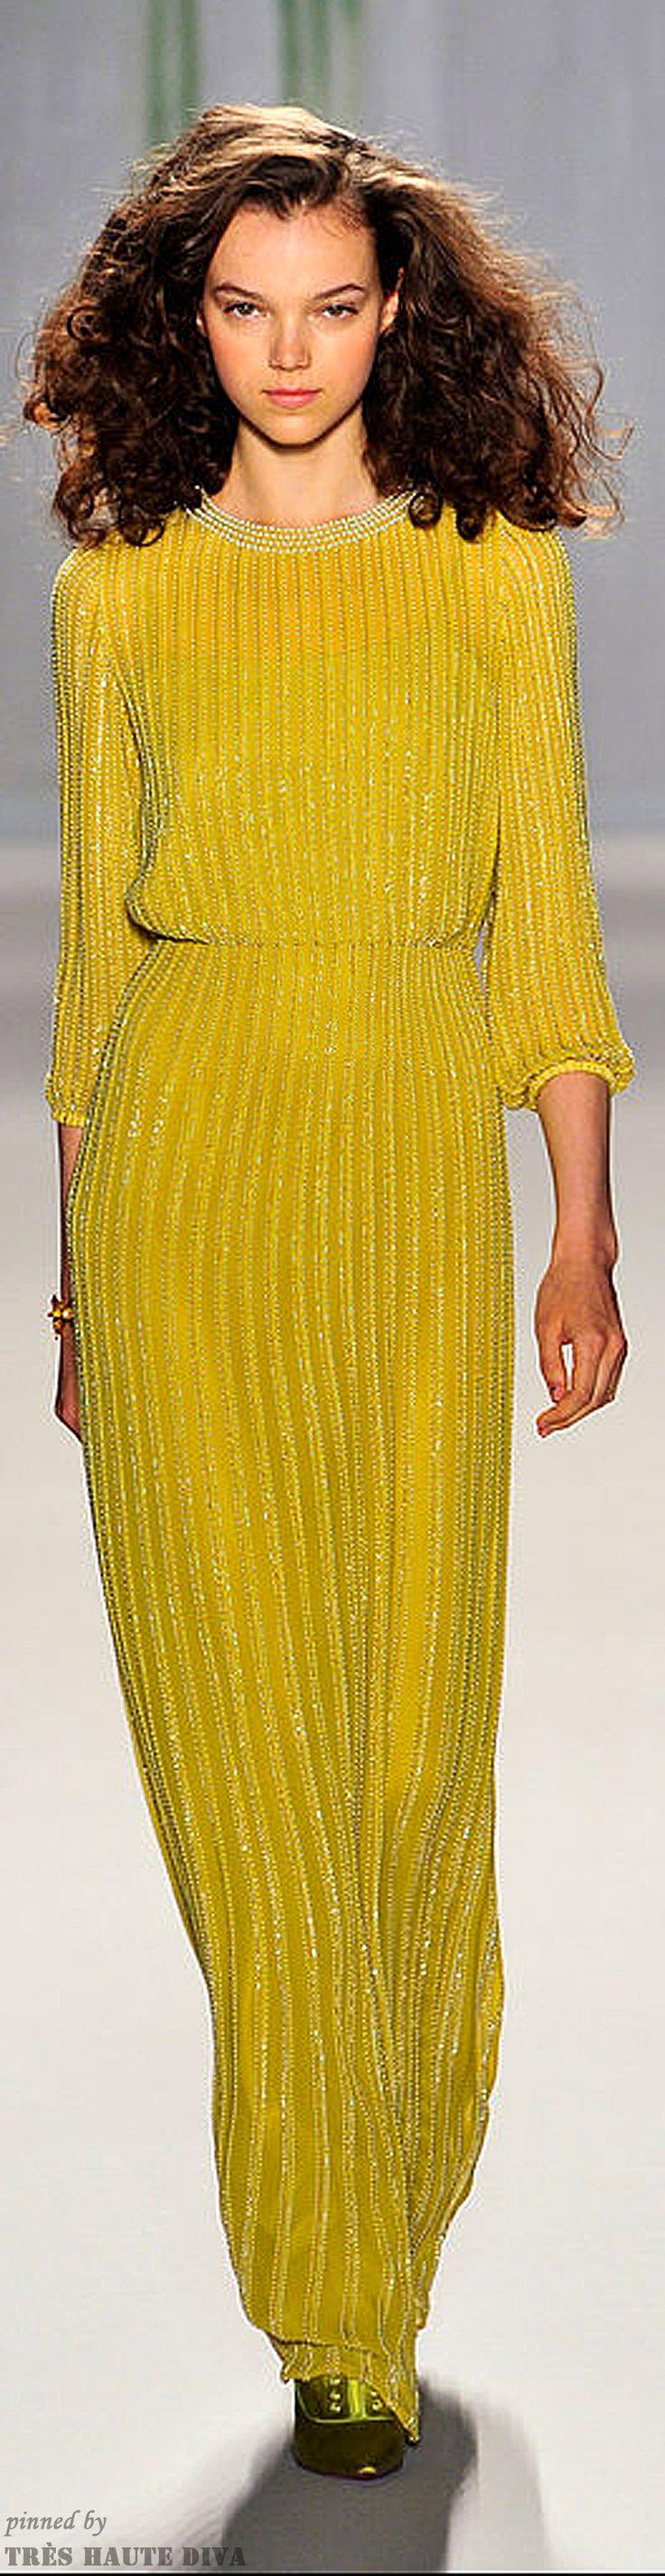 #NYFW Jenny Packham Spring 2014 Jenny-Packham-Spring-2014-Runway-Show-NY-Fashion-Week-